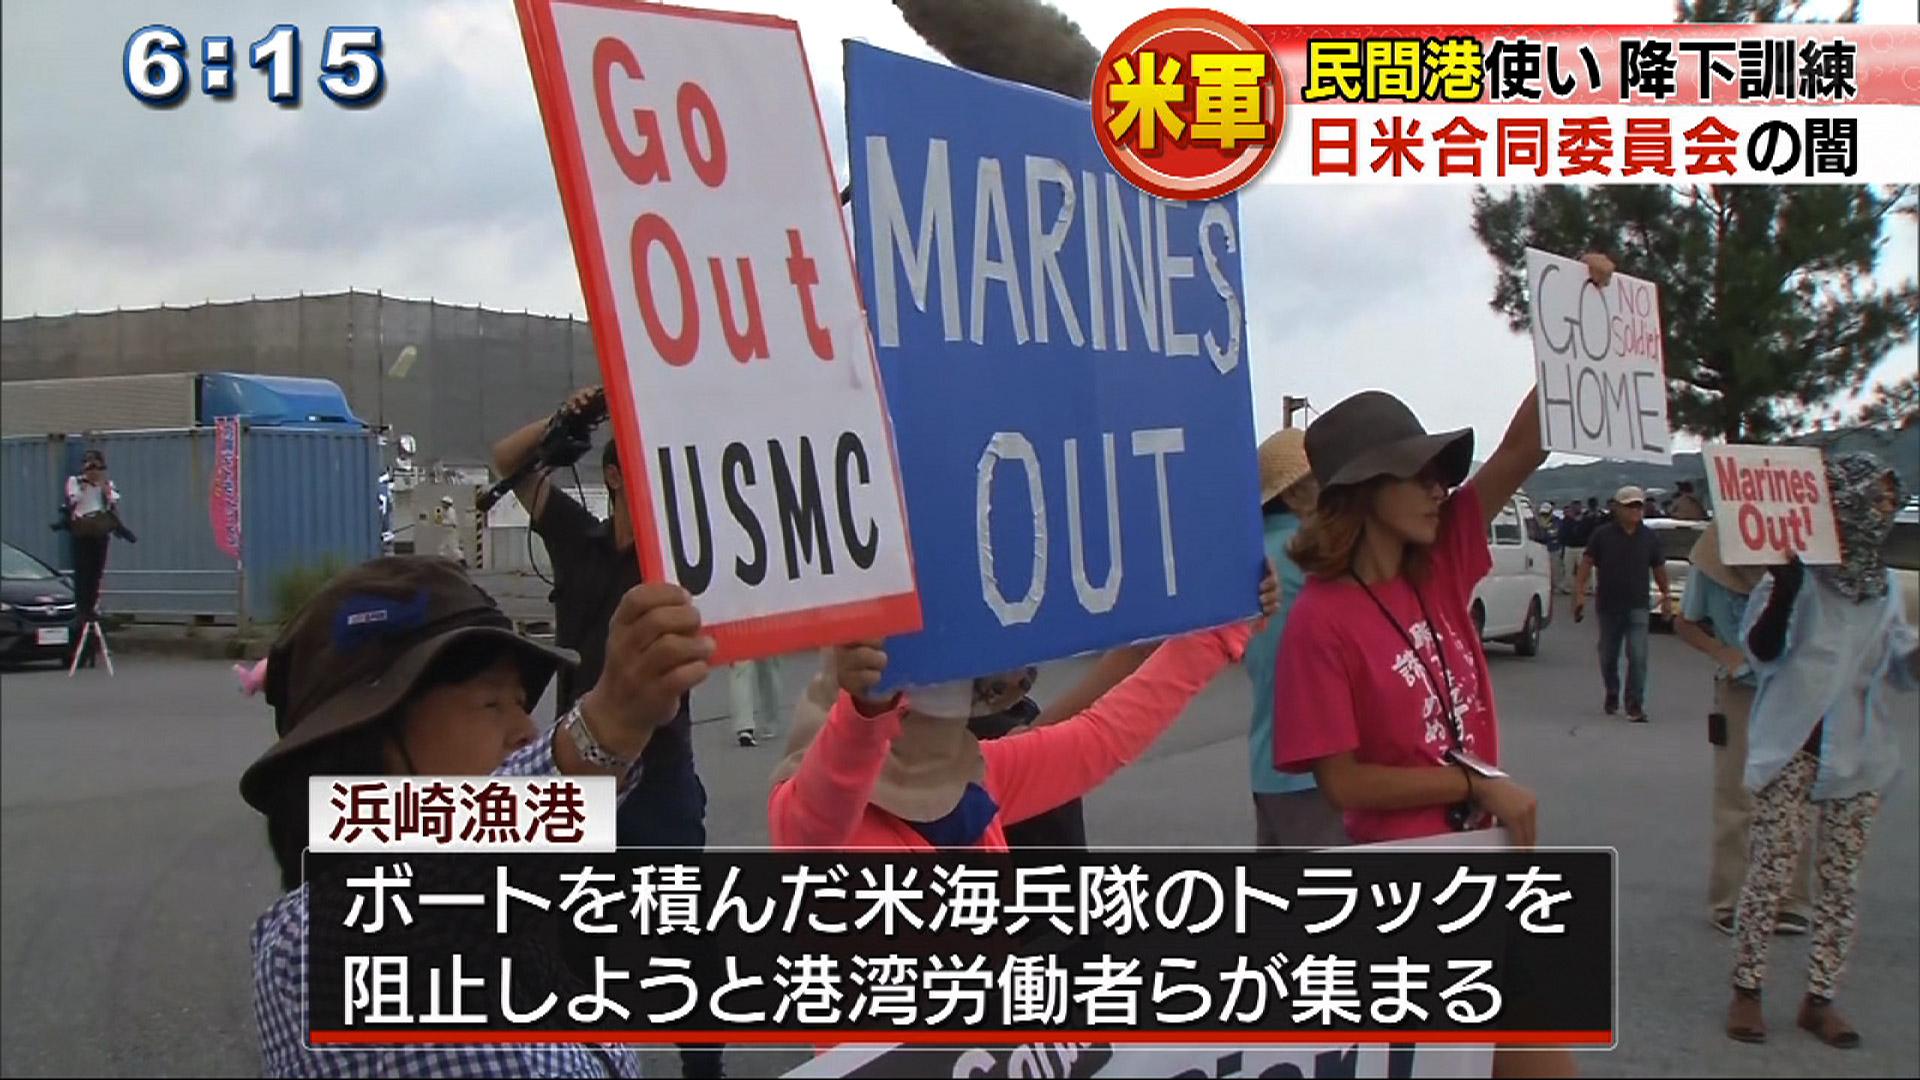 本部町浜崎漁港 民間港使用に抗議